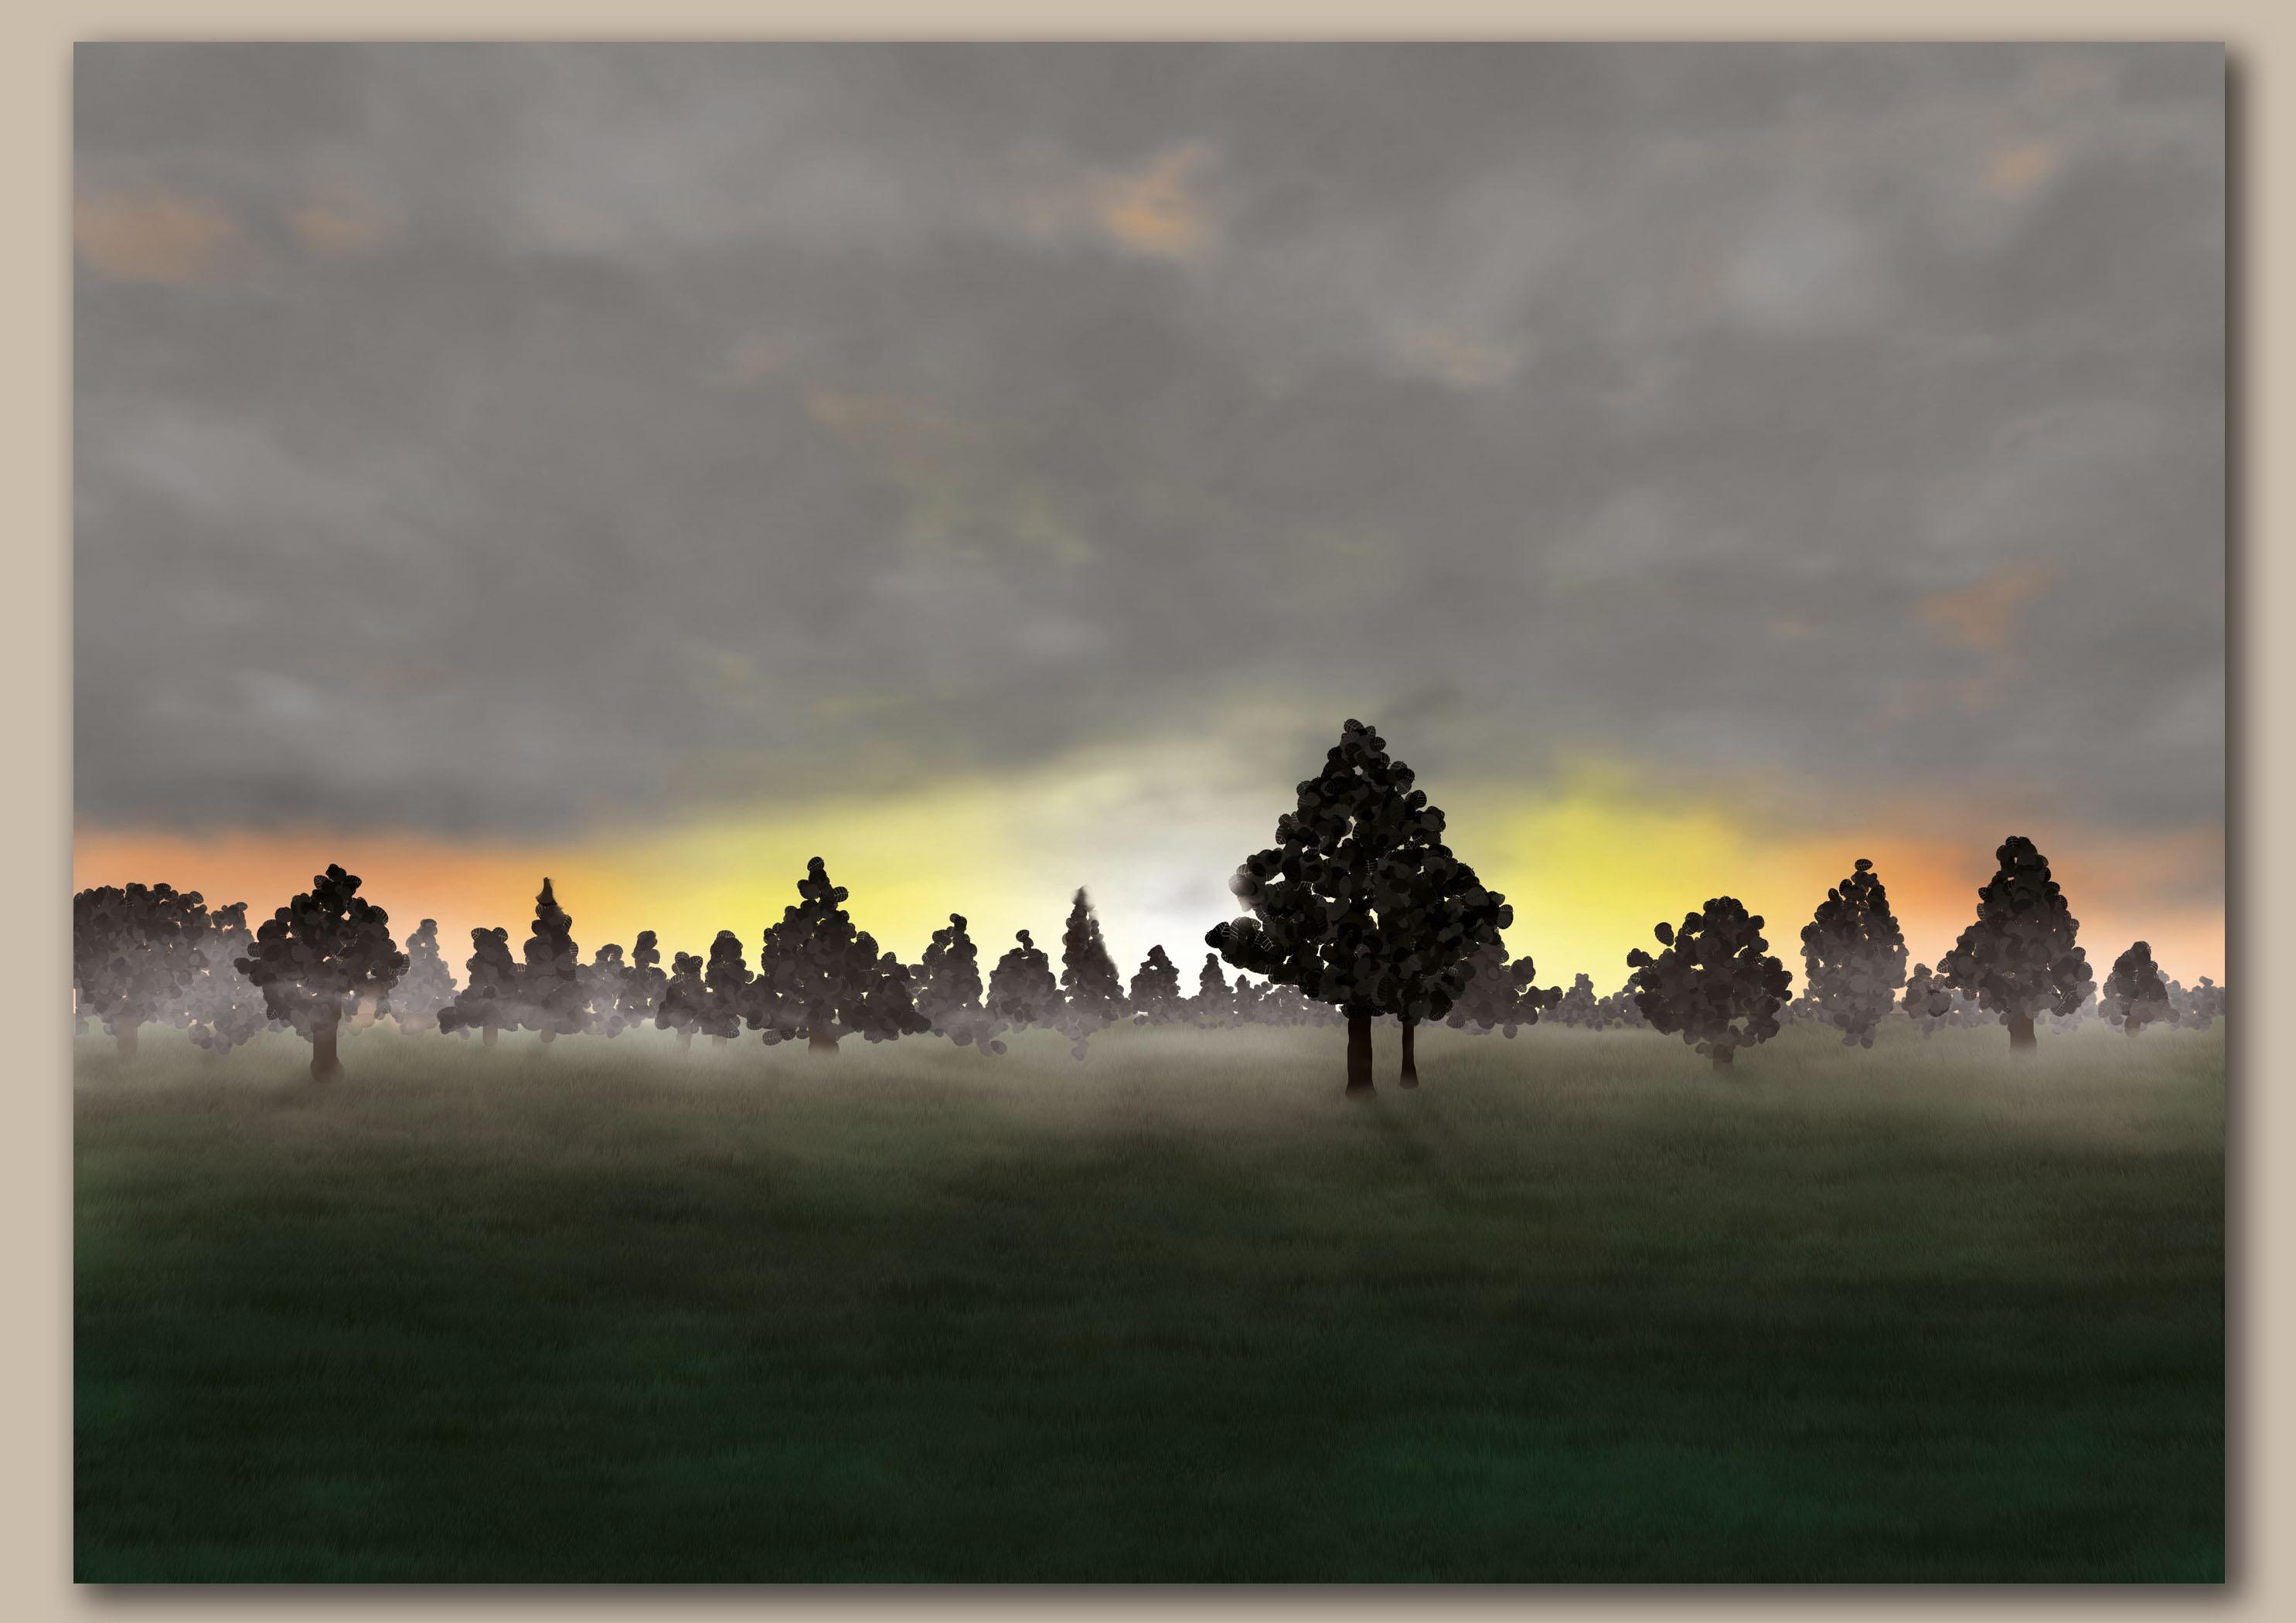 Opkomende zon door bomen over een weiland zonder gloed